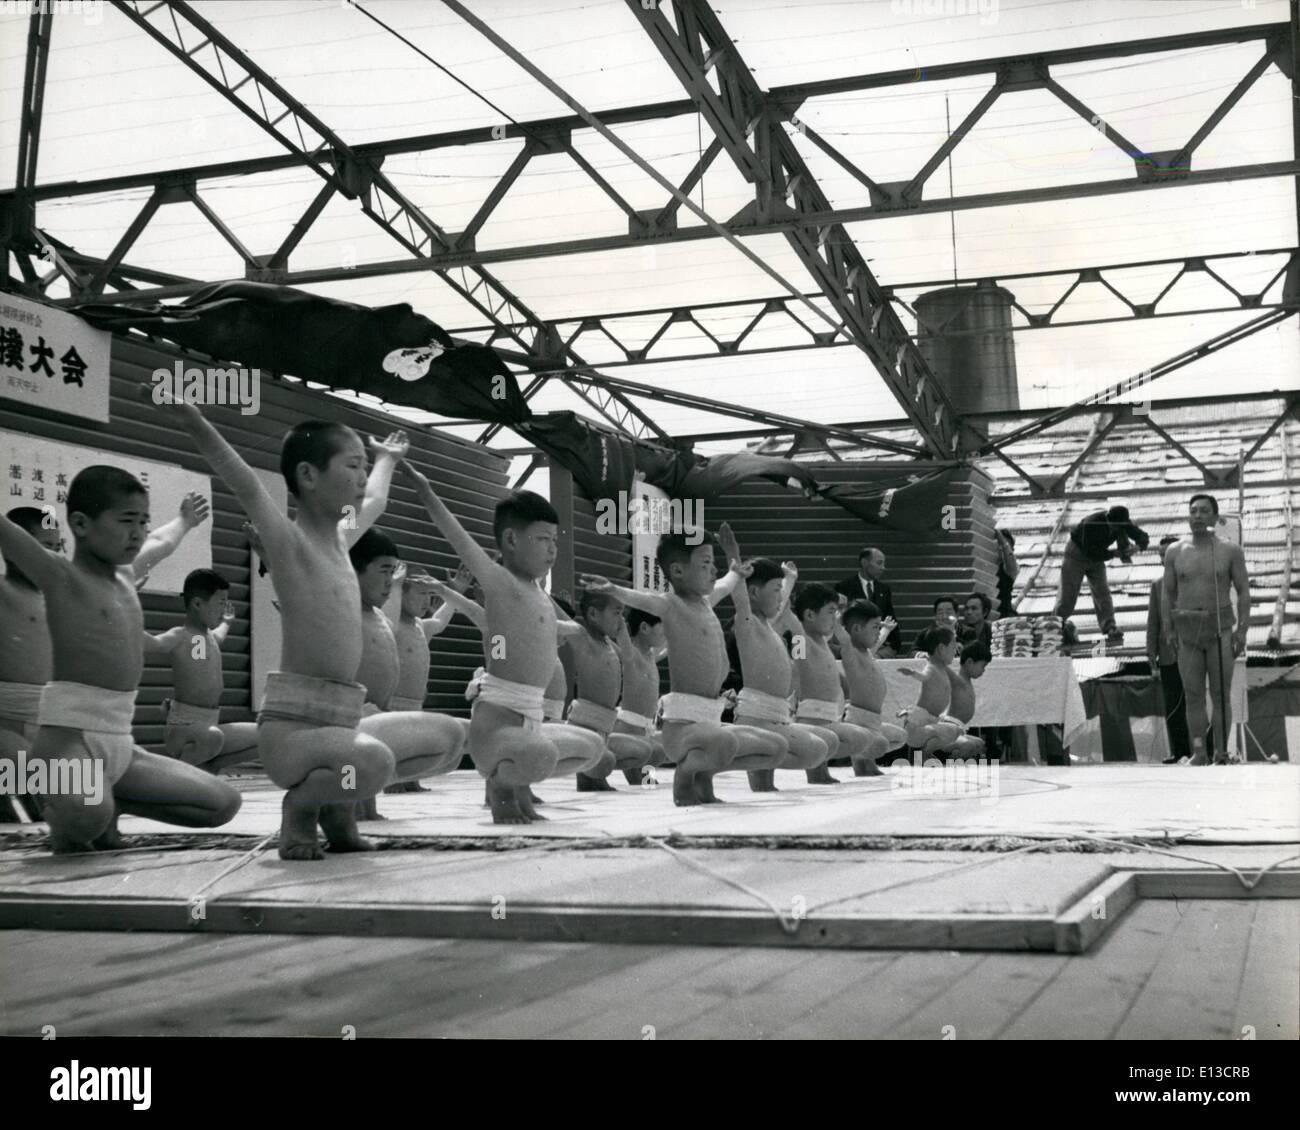 Mar 02, 2012 - Giovani in Giappone i treni per il sumo wrestling: Esercizi al di sotto di un istruttore qualificato sono una fase preliminare necessaria al sumo Immagini Stock